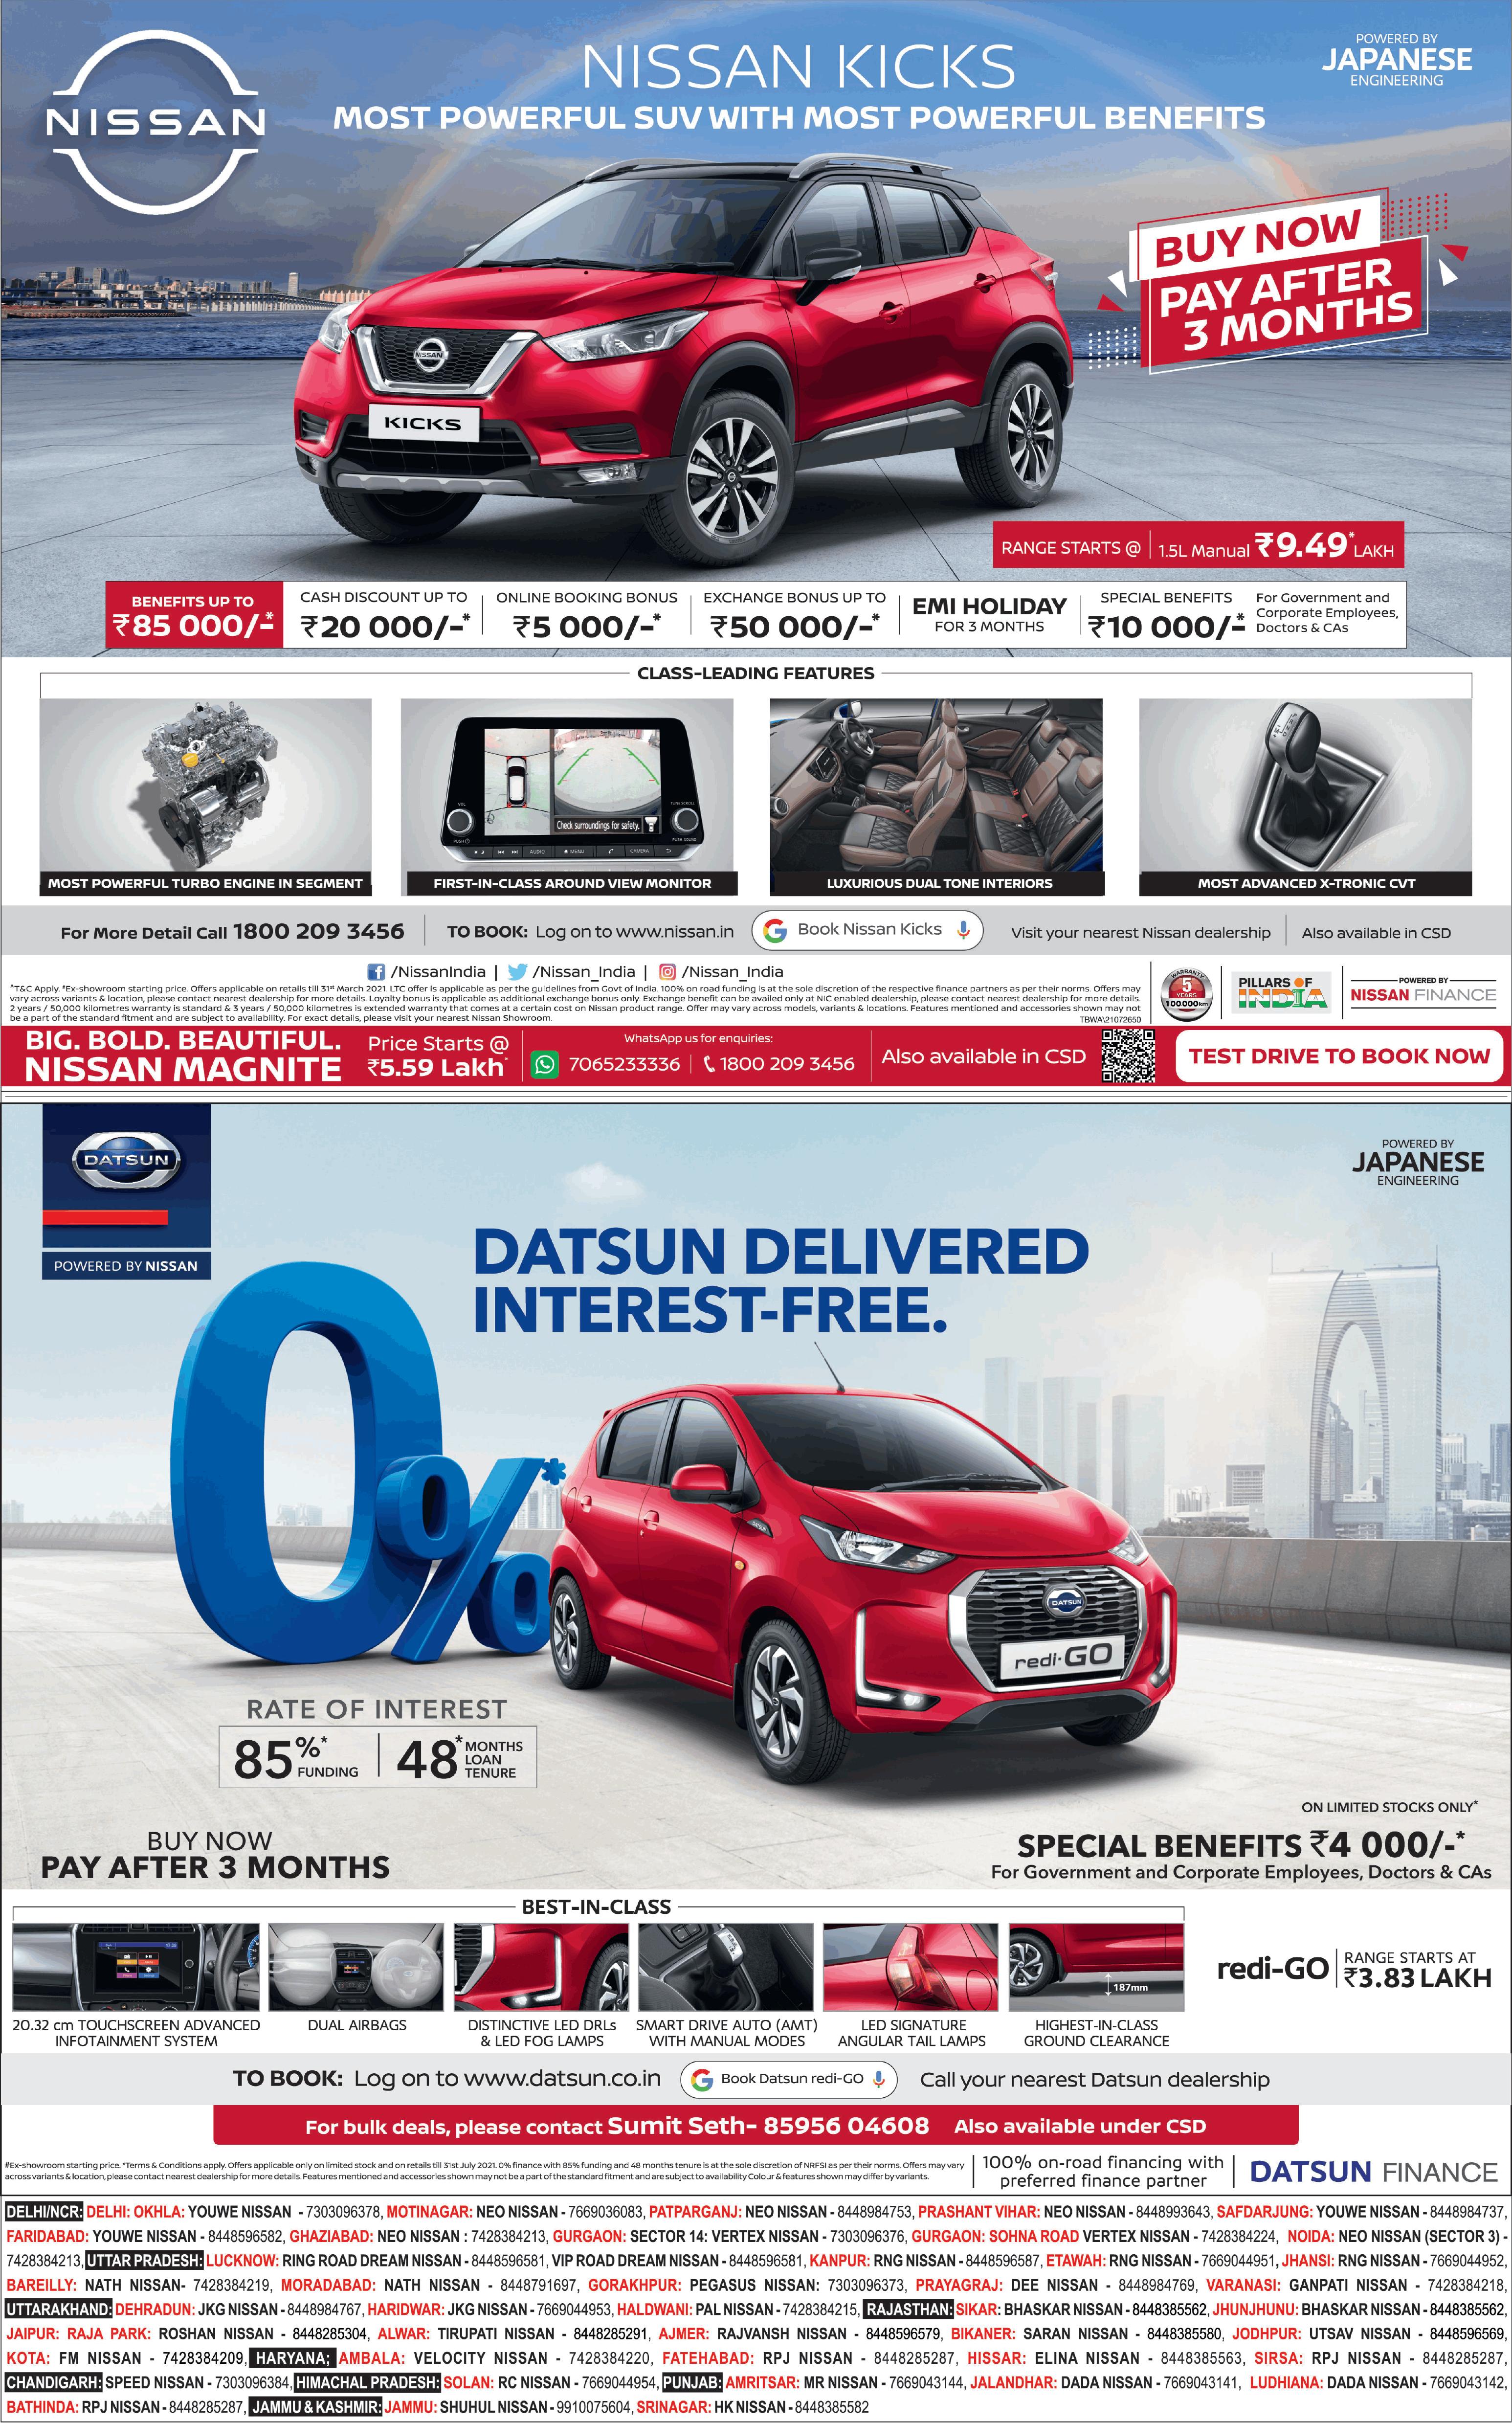 datsun-redi-go-0%-rate-of-interest-datsun-delivered-interest-free-ad-toi-delhi-11-7-2021